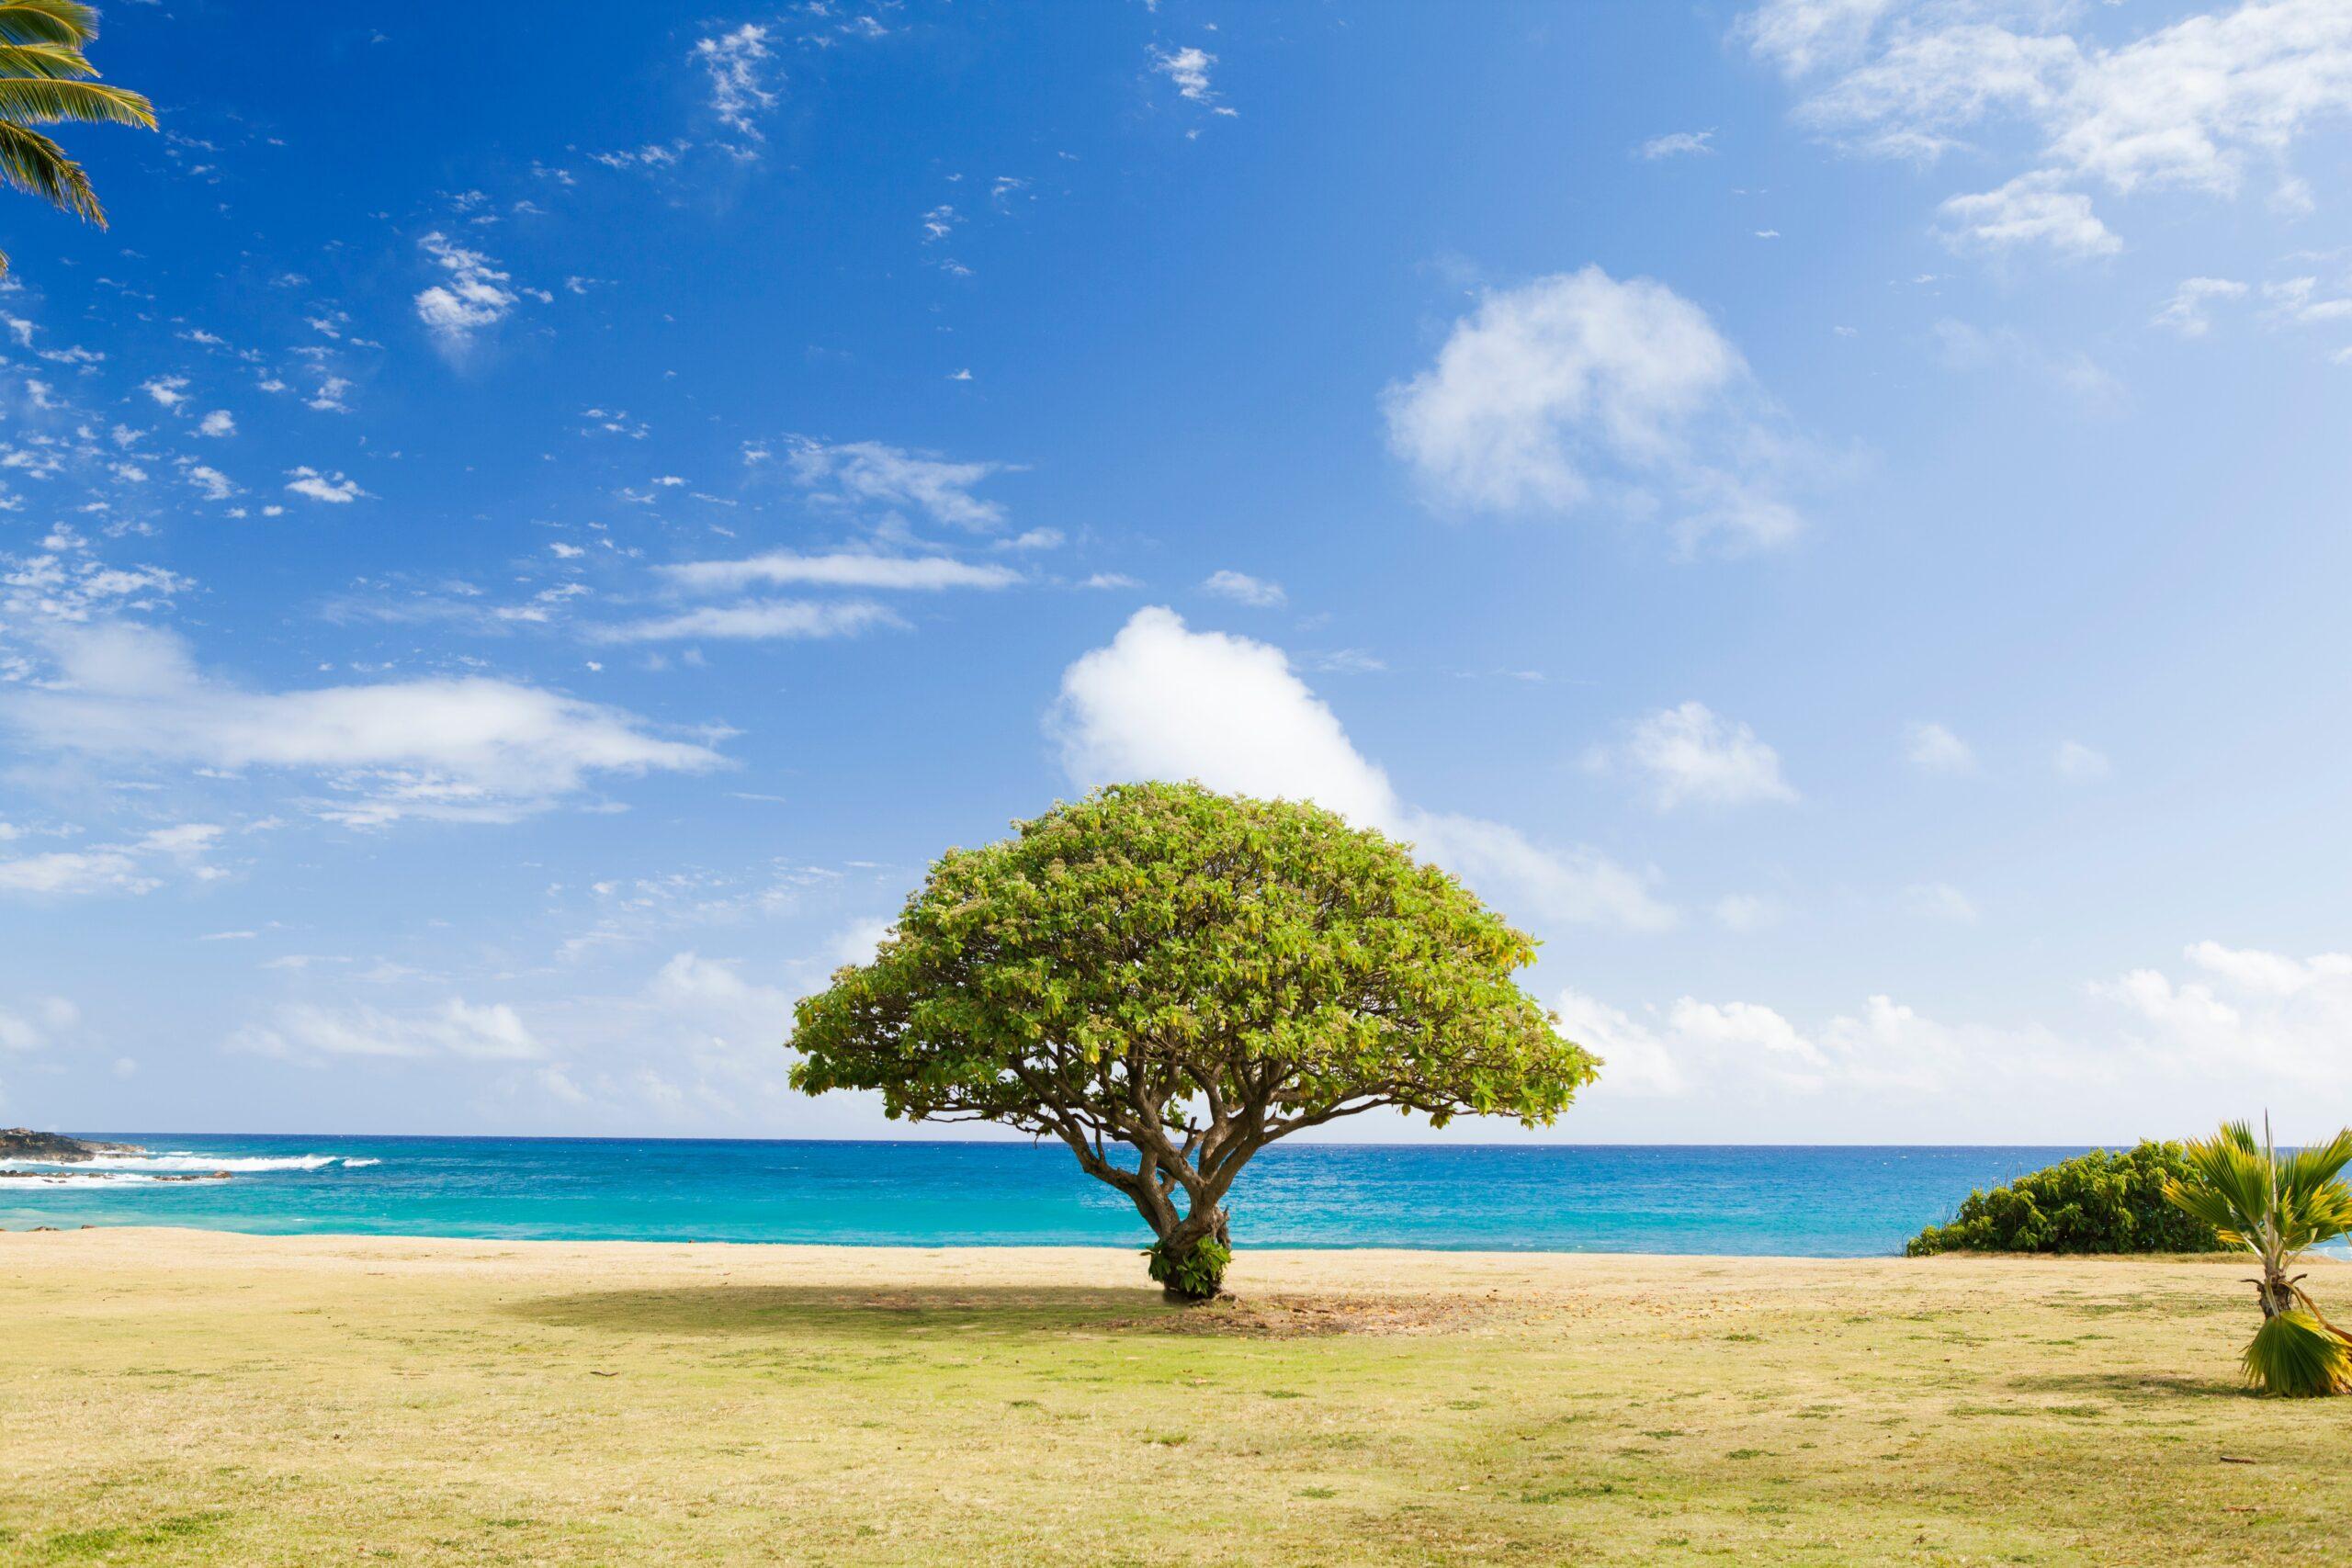 金のなる木は水では生きぬ、汗をやらねば枯れていく